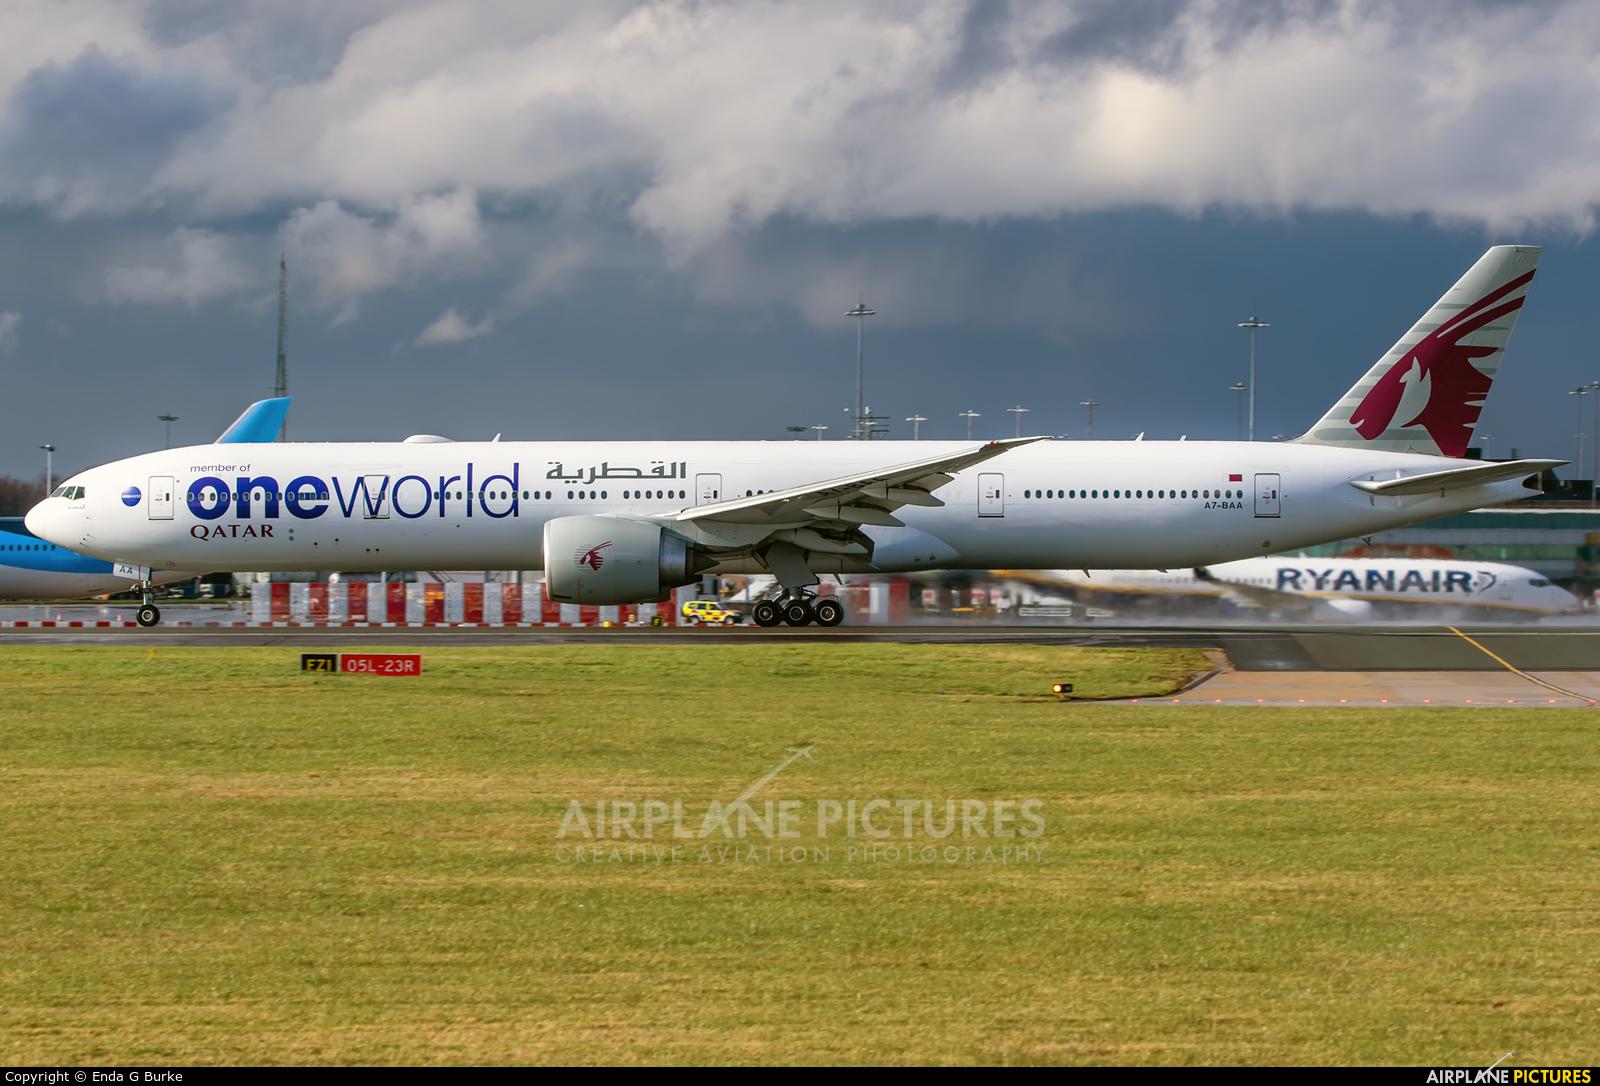 Qatar Airways A7-BAA aircraft at Manchester